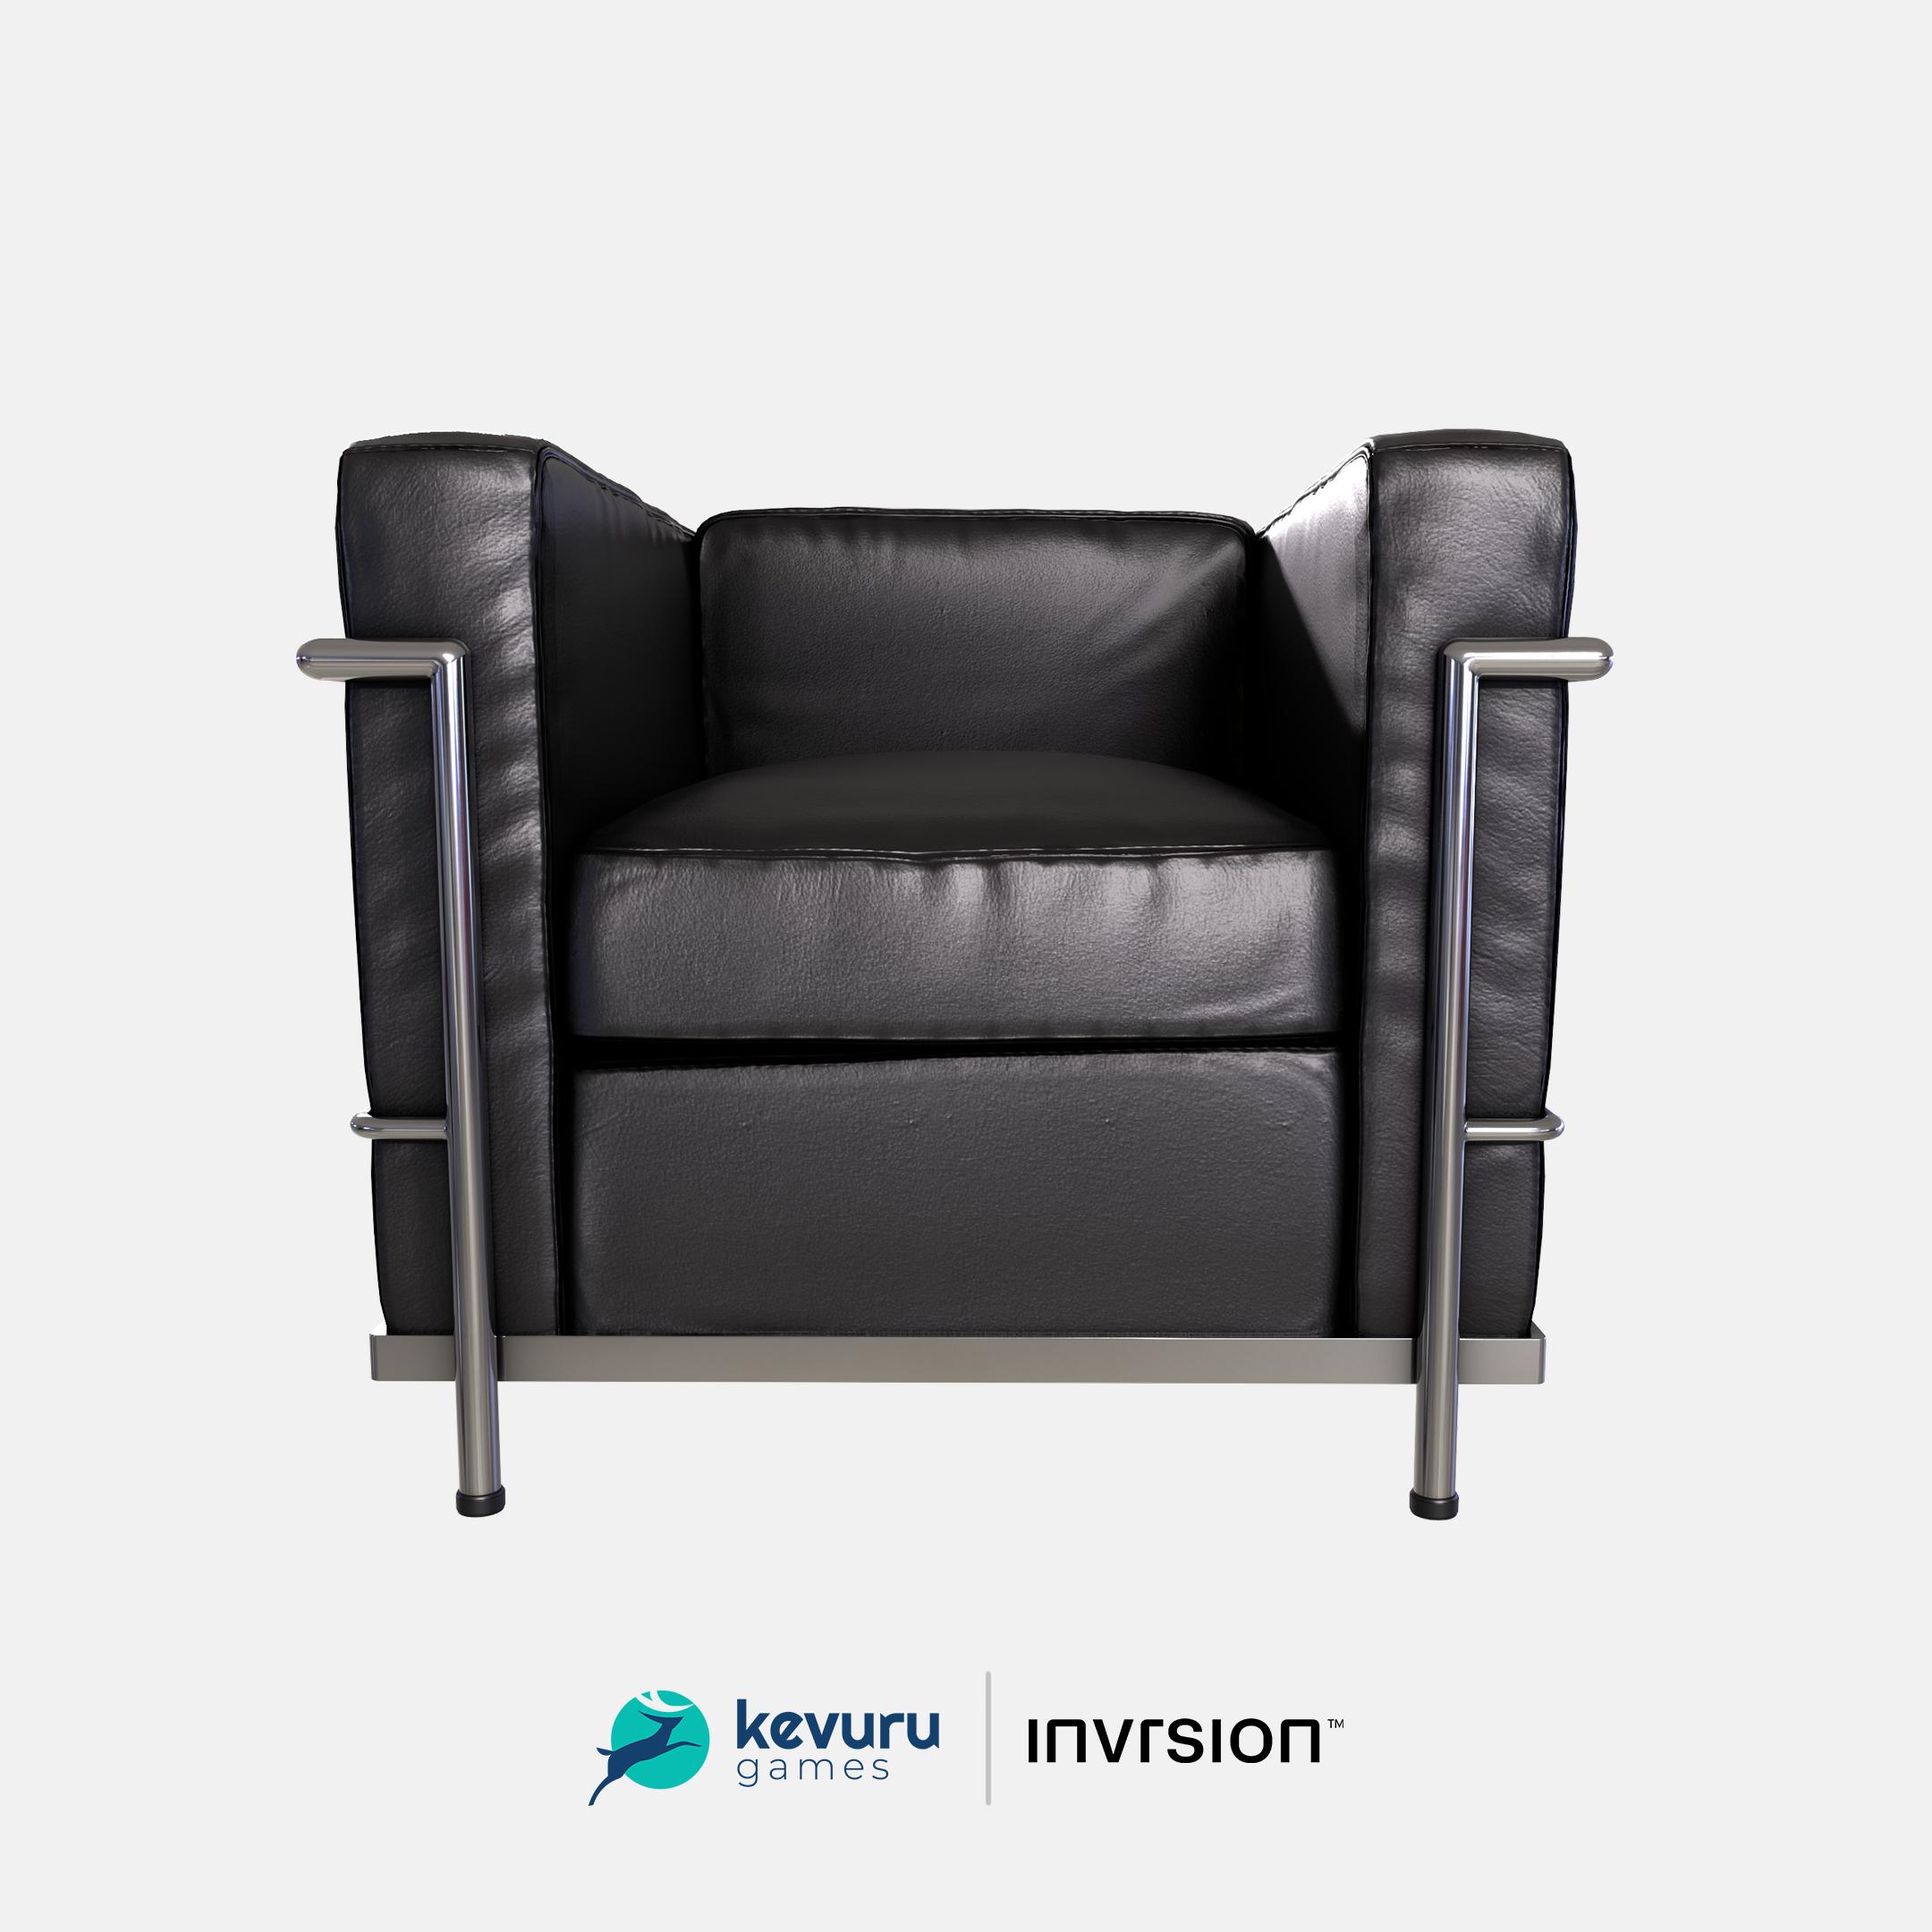 3D Furniture Modeling Services - 31